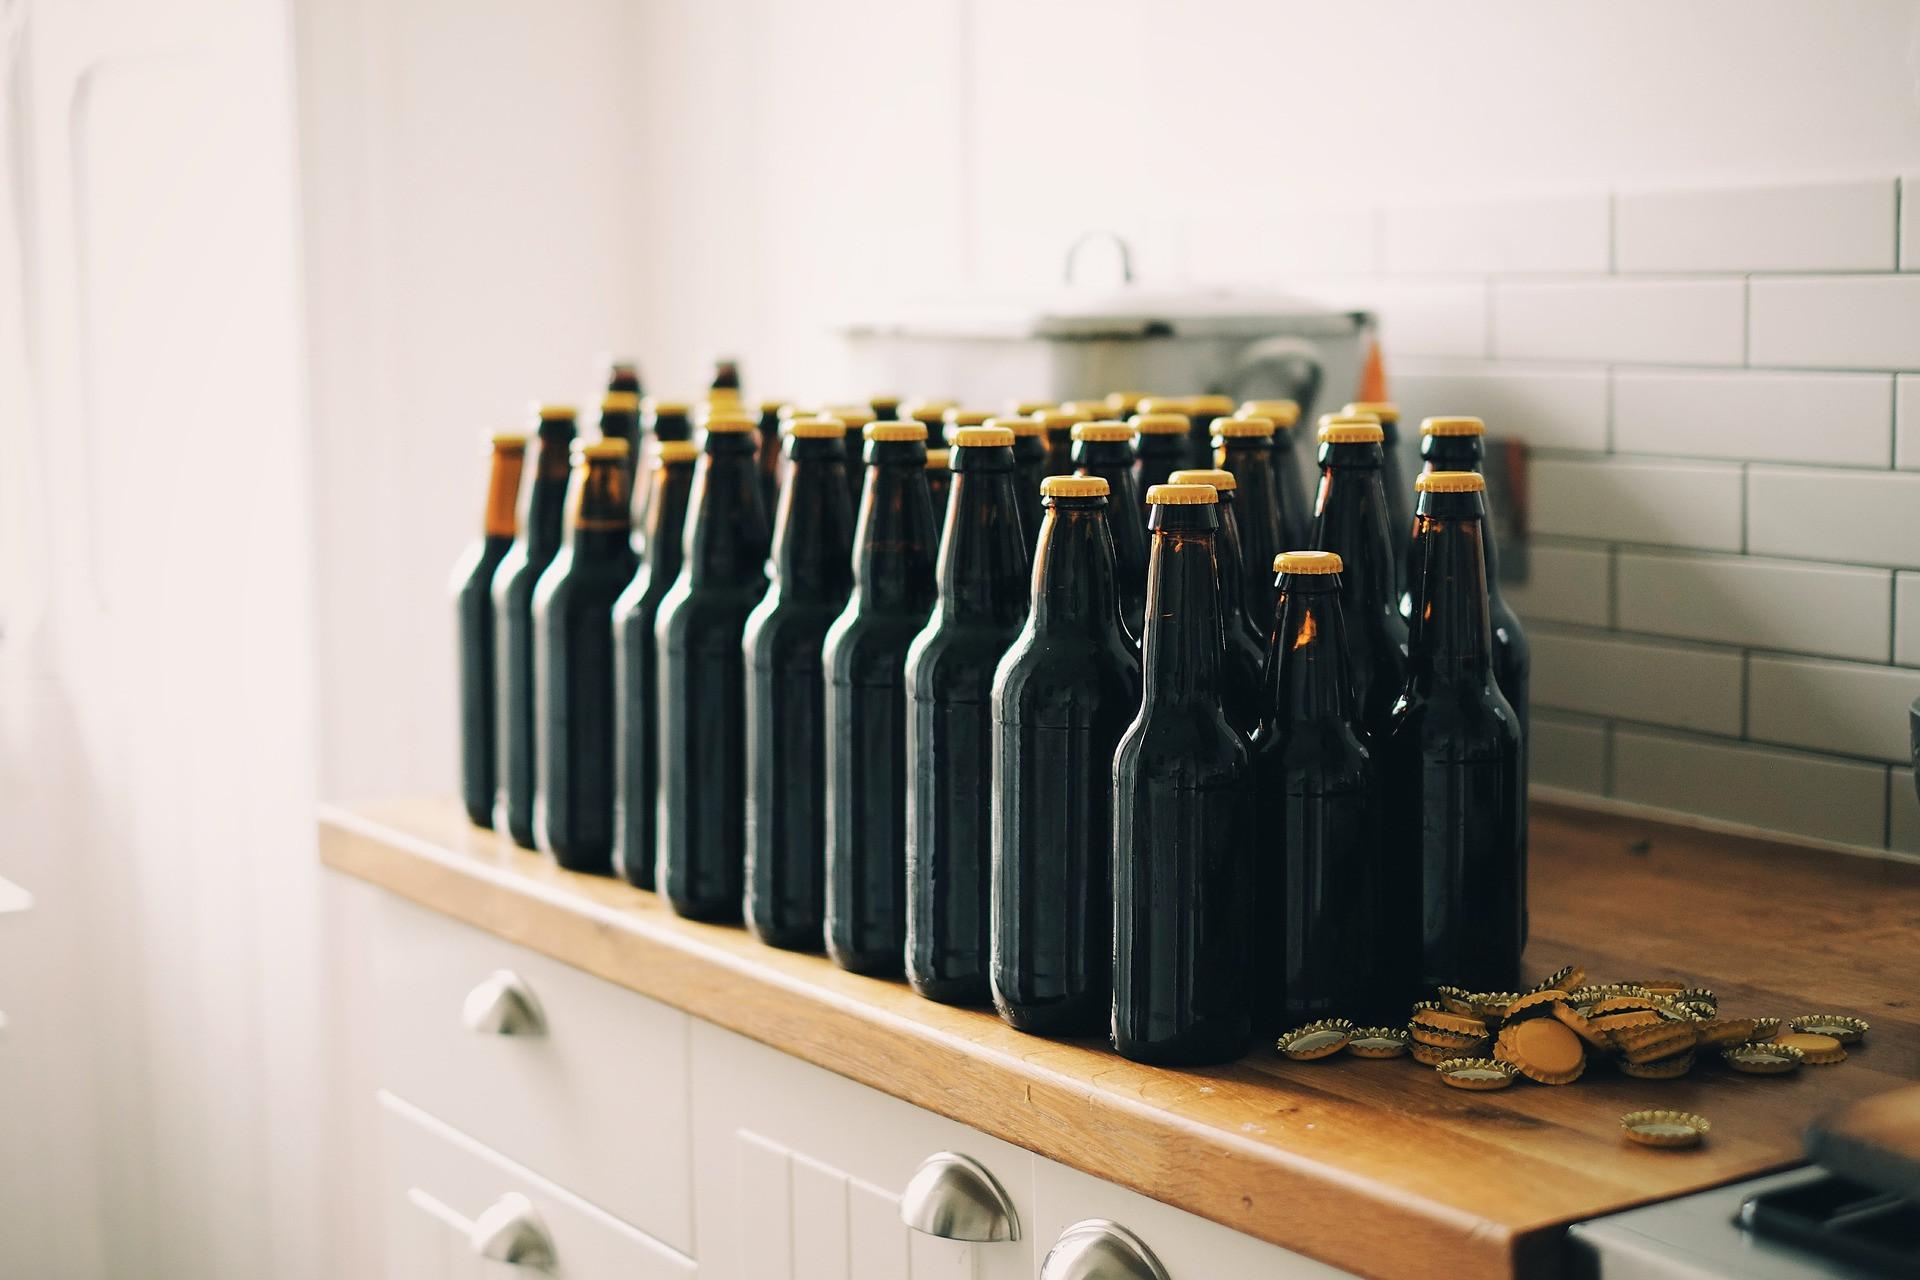 Esquema de falsificação de bebidas é descoberto em Contagem (MG)